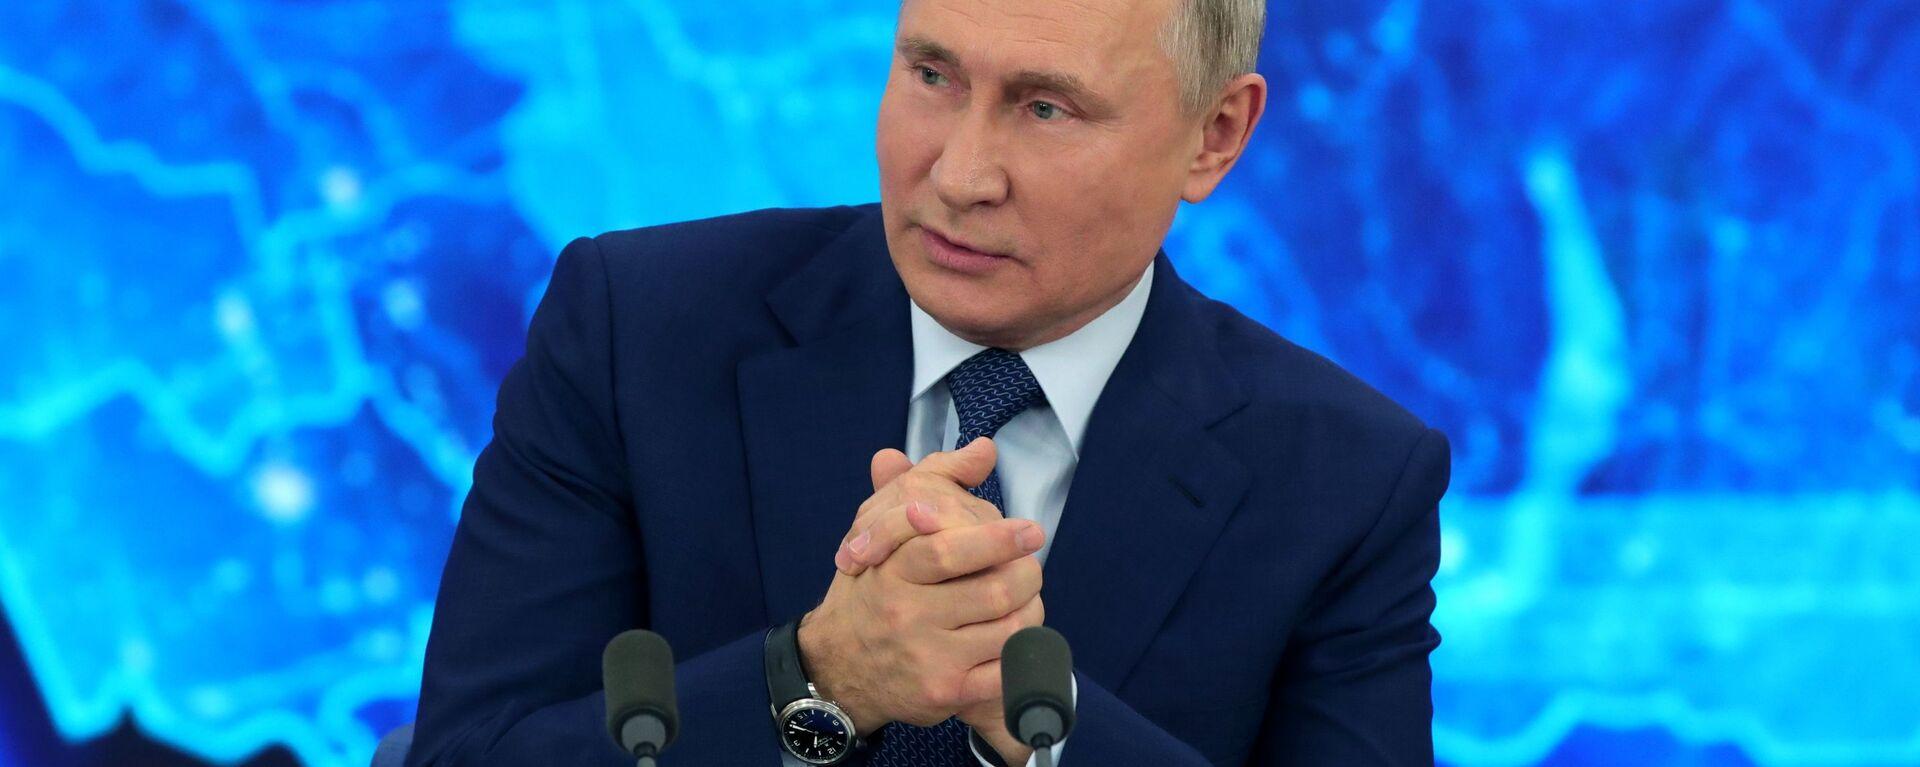 Президент РФ Владимир Путин на большой ежегодной пресс-конференции в режиме видеоконференции (17 декабря 2020). Москва - Sputnik Грузия, 1920, 01.07.2021